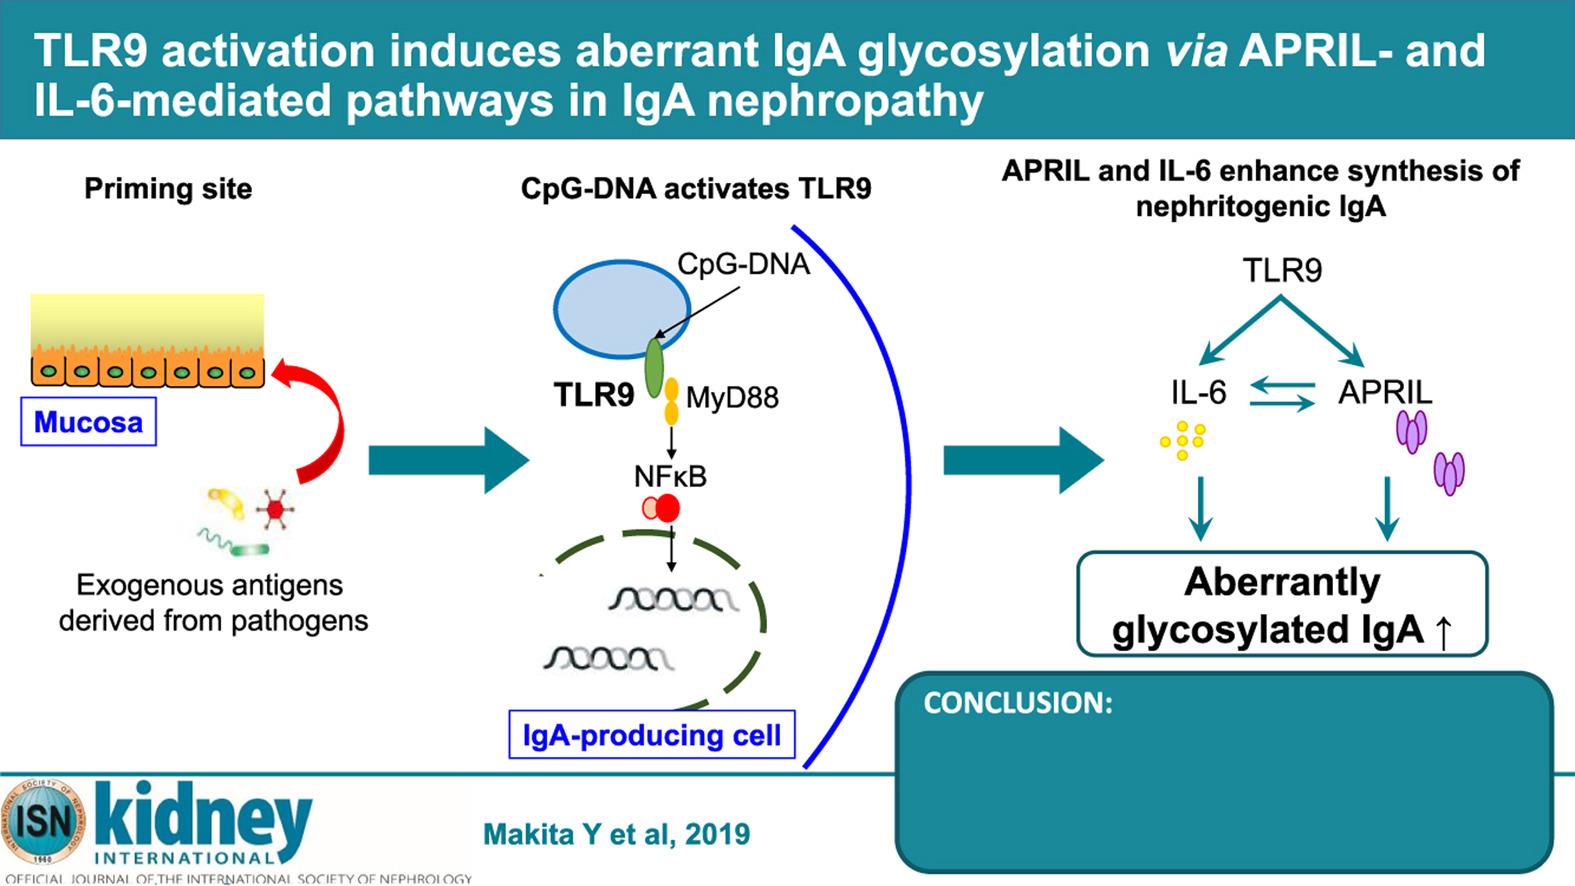 TLR9 при IgA-нефропатии